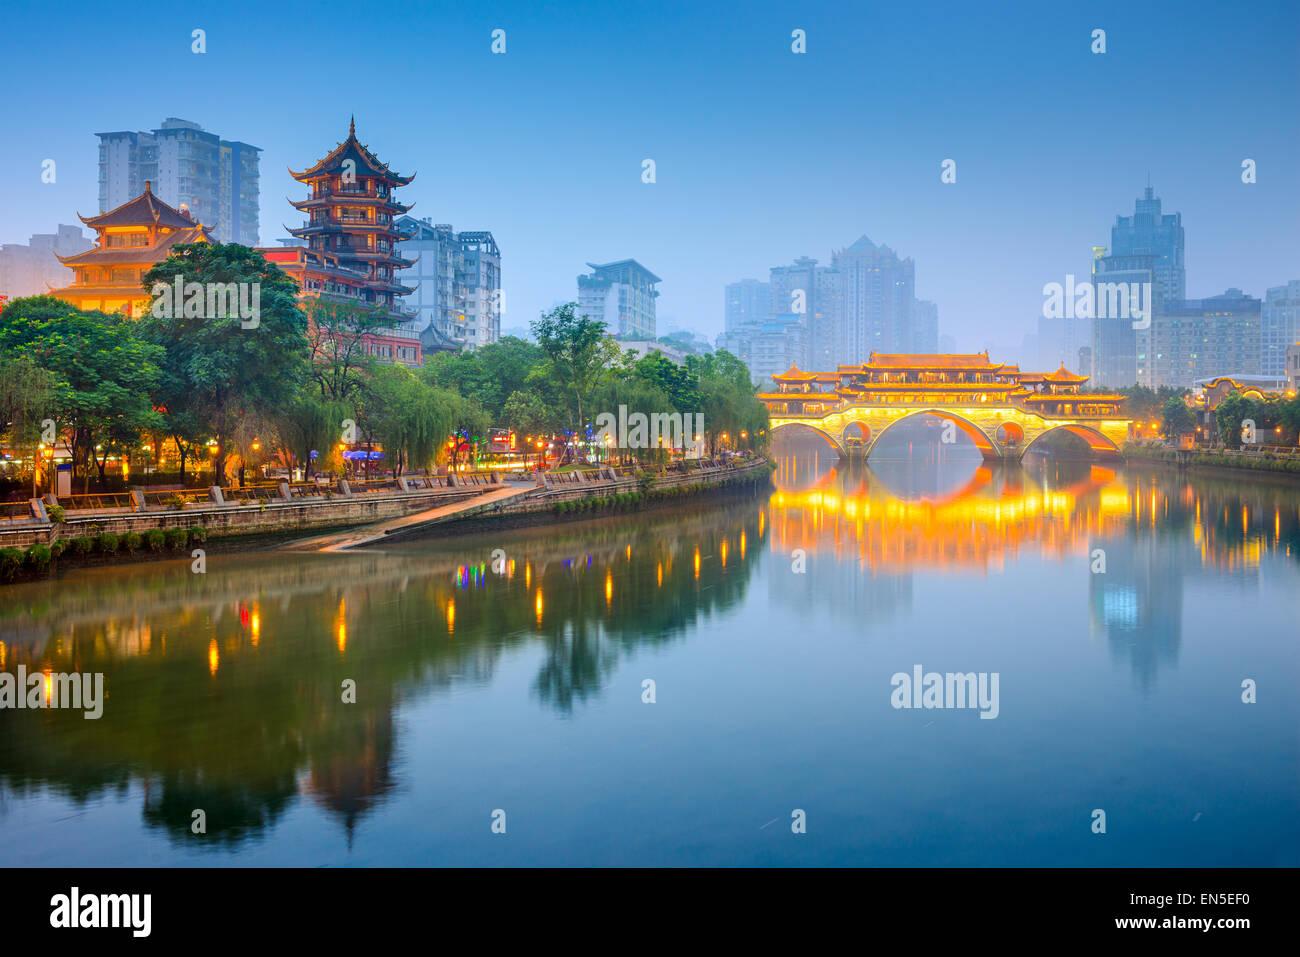 Chengdu, Chine ville sur la rivière Jin avec pont Anshun. Photo Stock